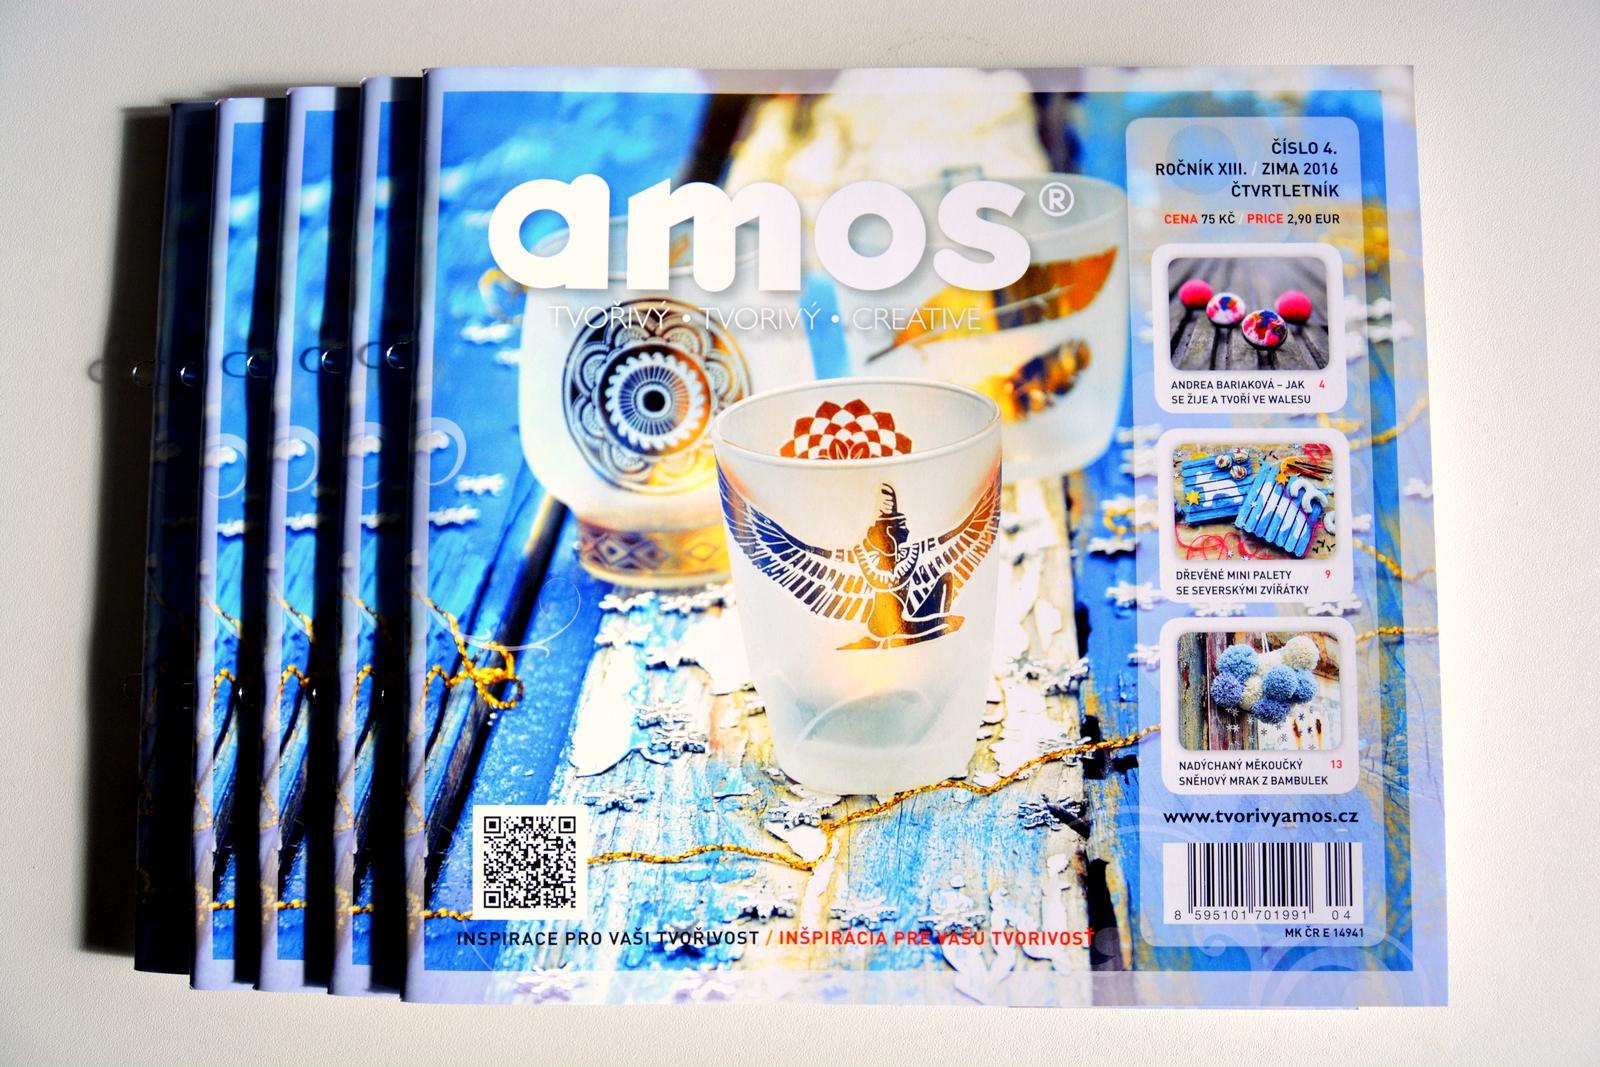 Amos v kreativním světě